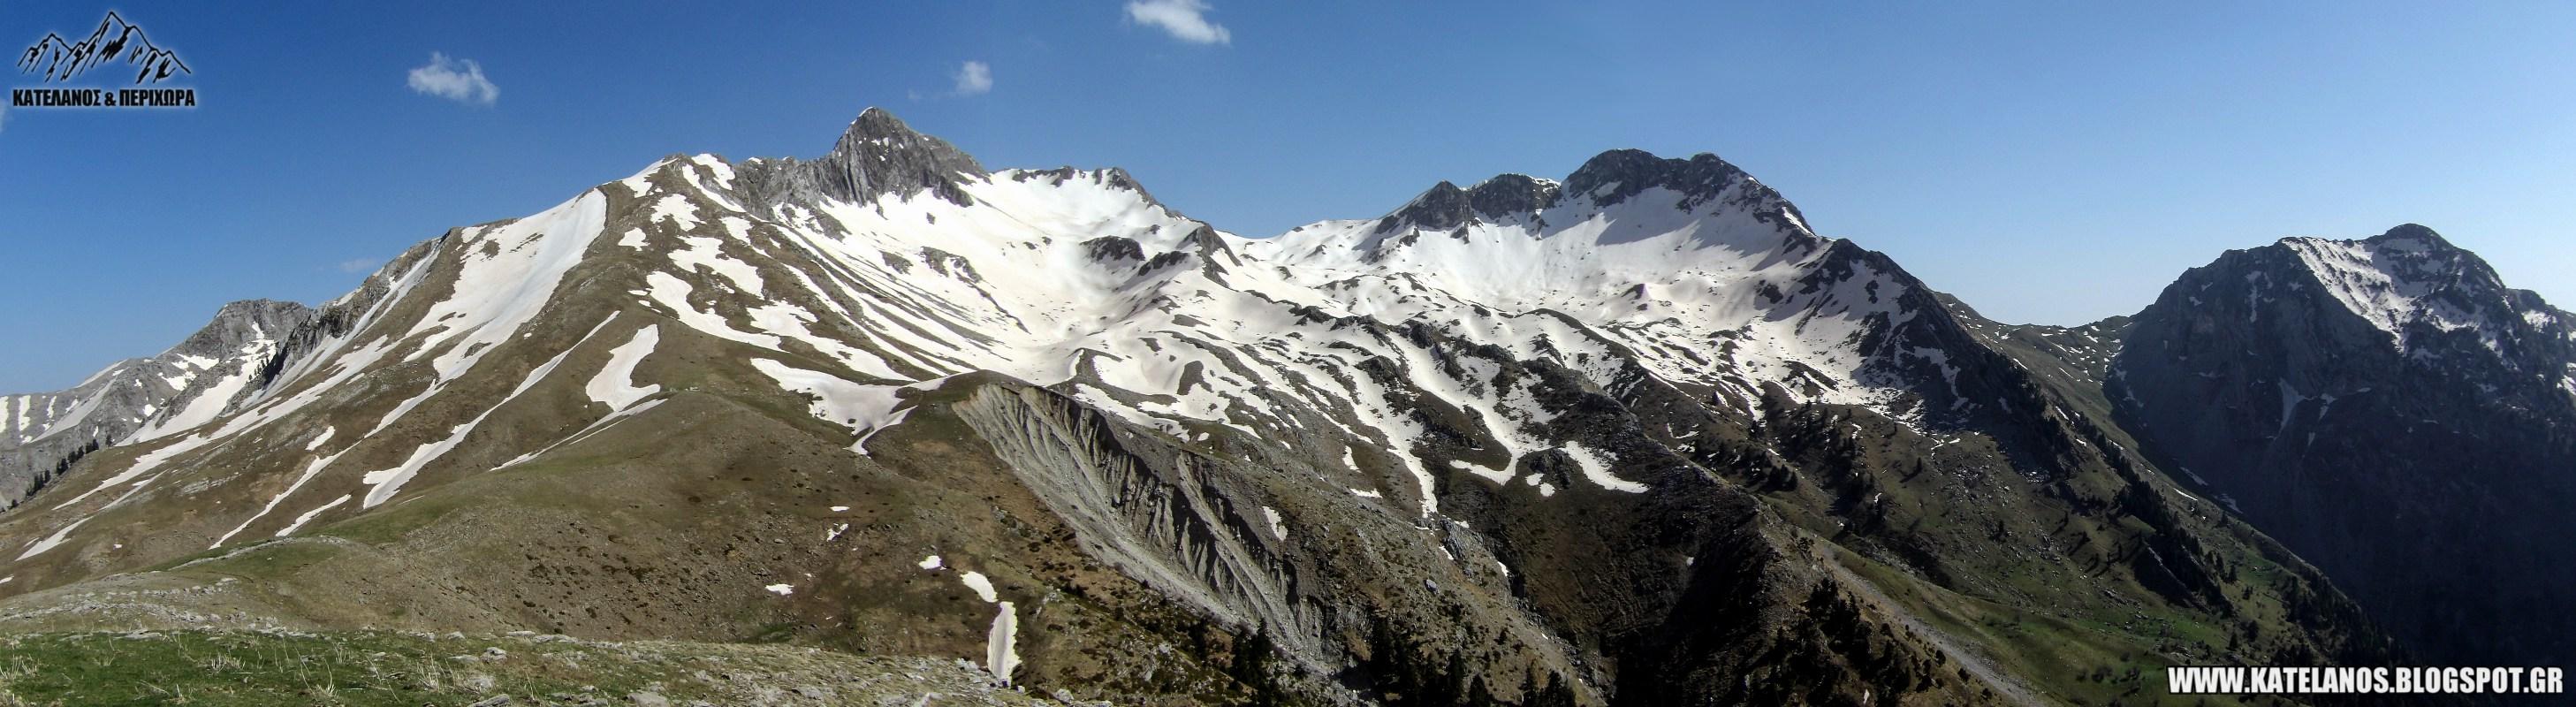 ορος χατζη φωτογραφιες βουνα τρικαλων